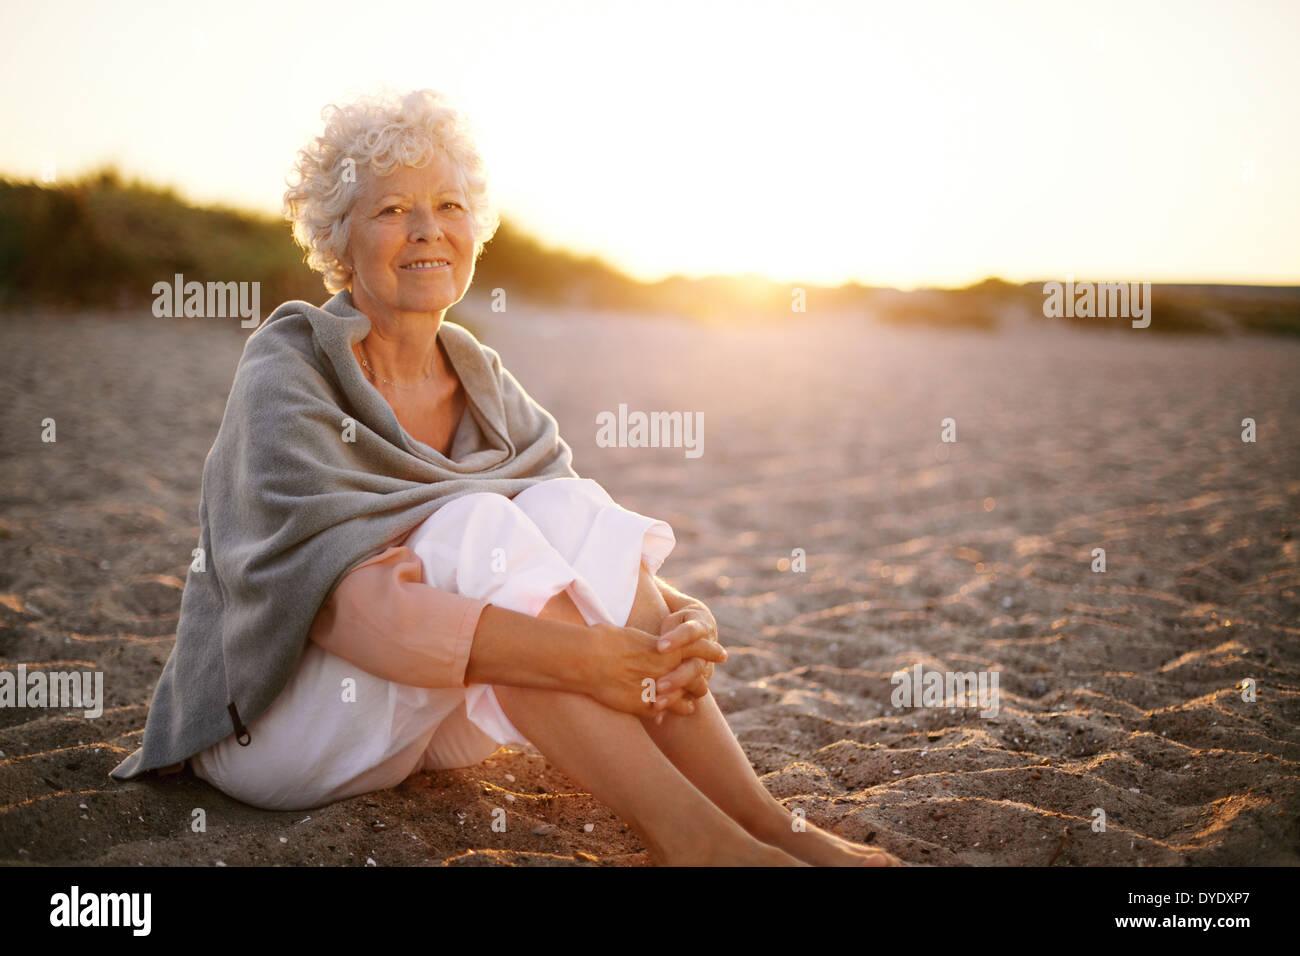 La retraite de détente femme portant un châle assis sur une plage de sable. Ancien portrait femme assise sur la plage à la recherche à l'extérieur de l'appareil photo Photo Stock